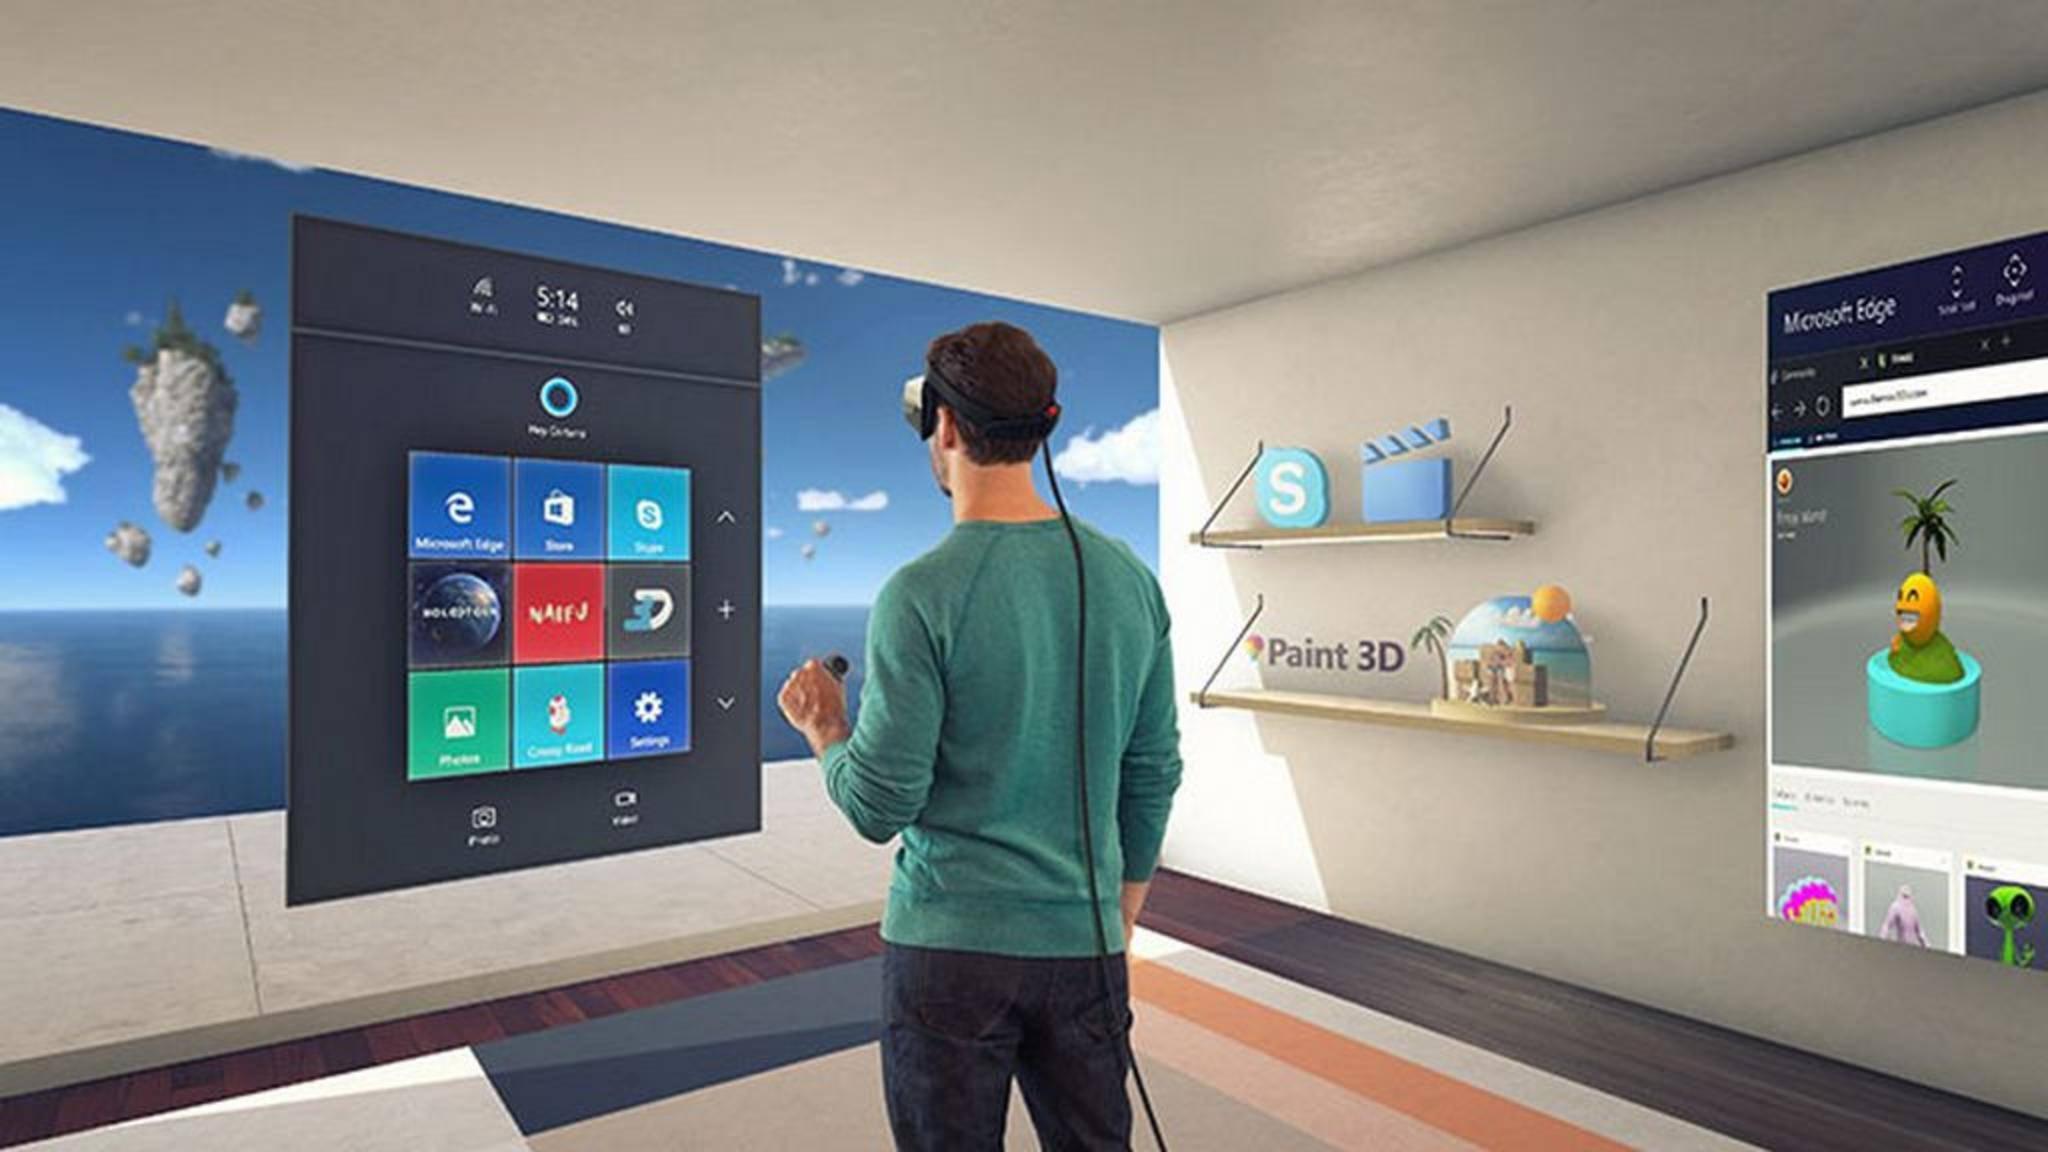 Das Creators Update von Windows 10 ergänzt Features wie VR-Support und entfernt andere.